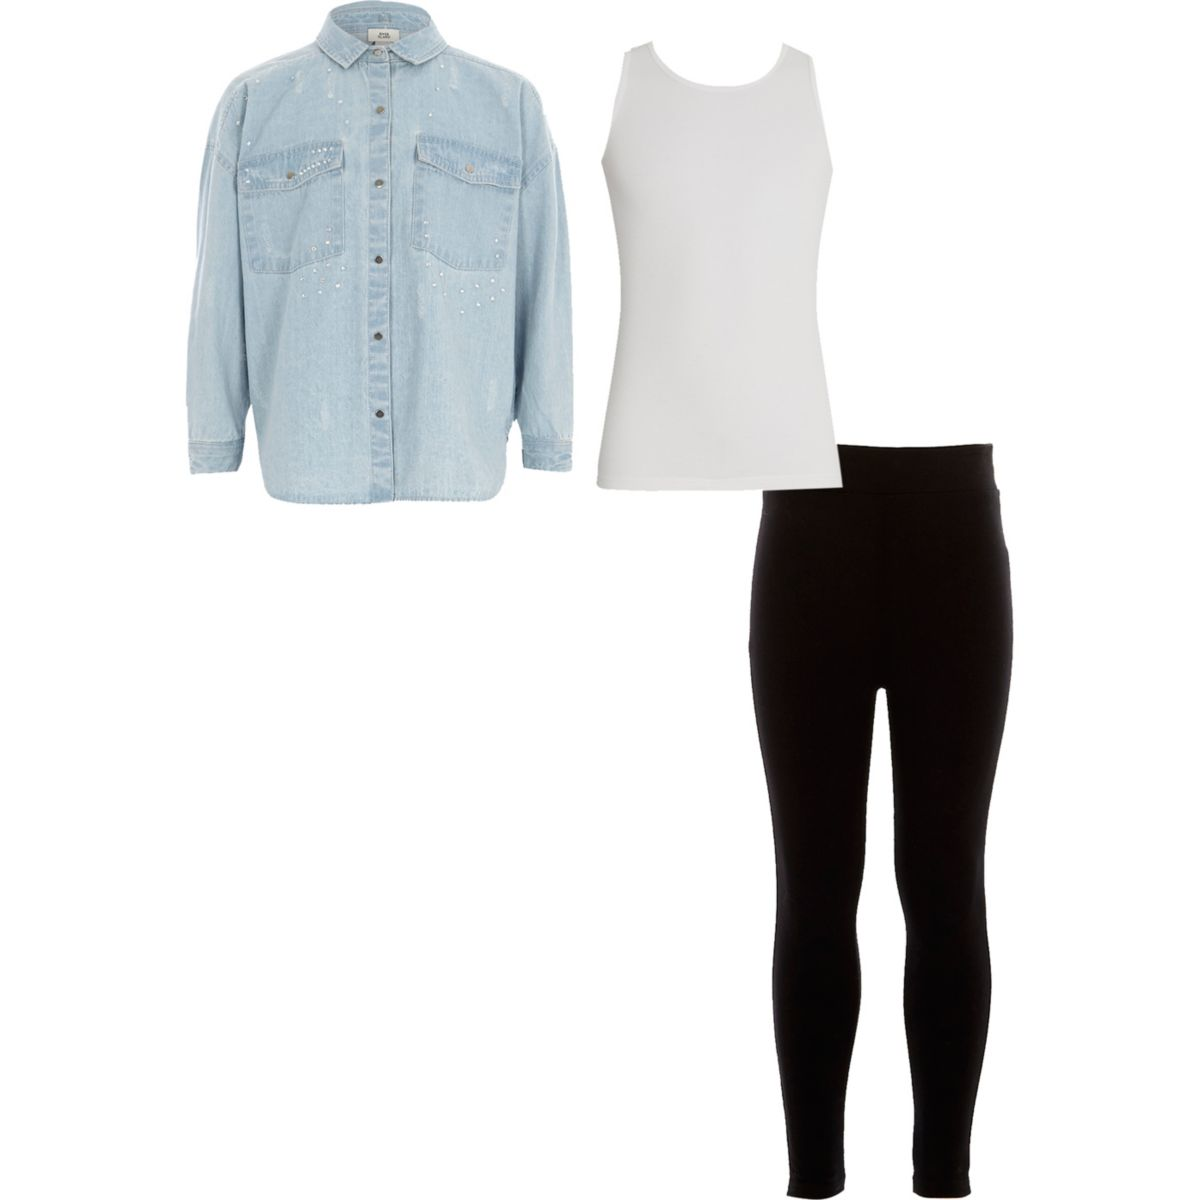 Girls blue hooded denim shirt outfit